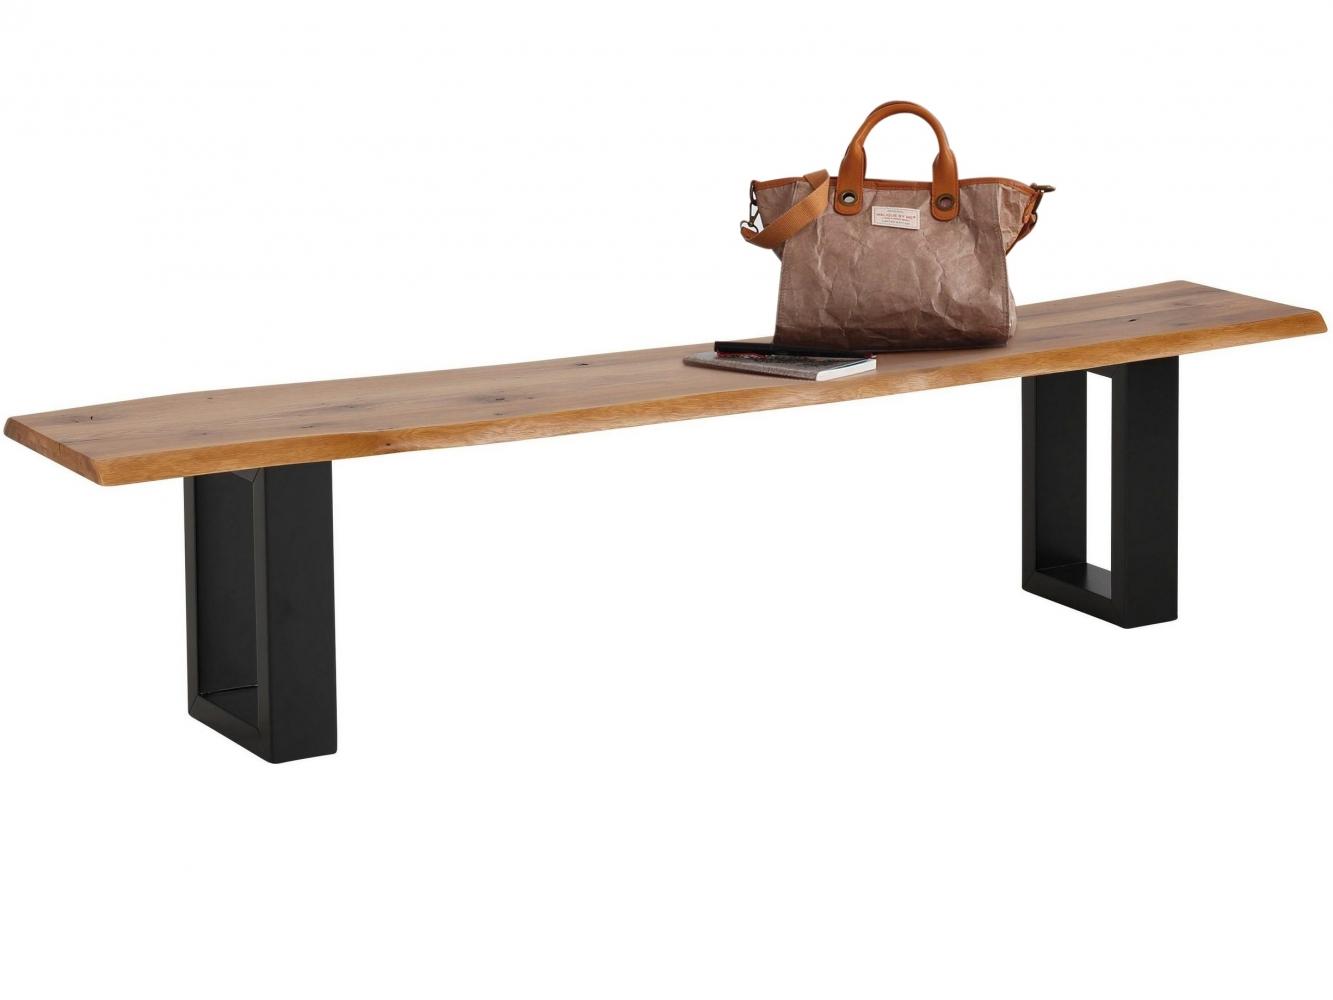 Jídelní lavice More, 200 cm, dub / černá